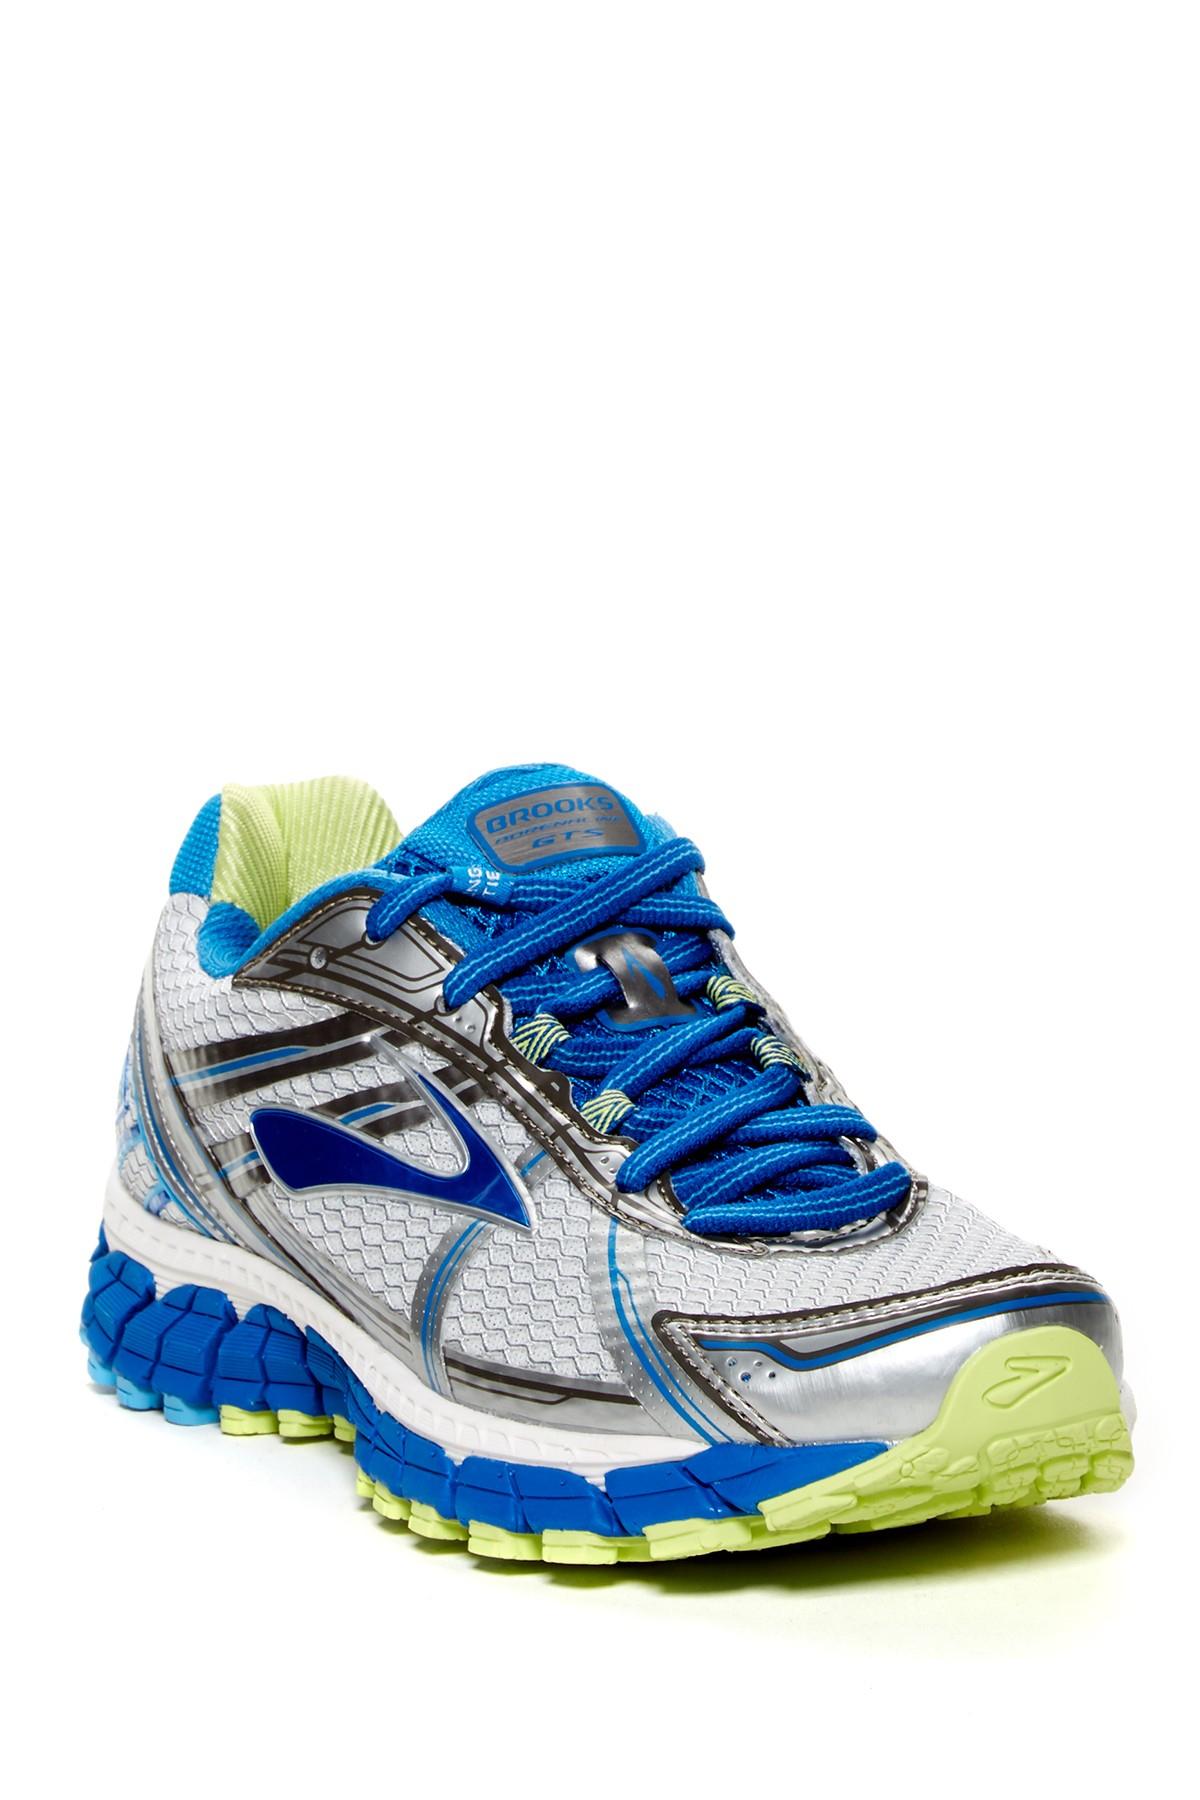 Running Shoe Sole Narrow